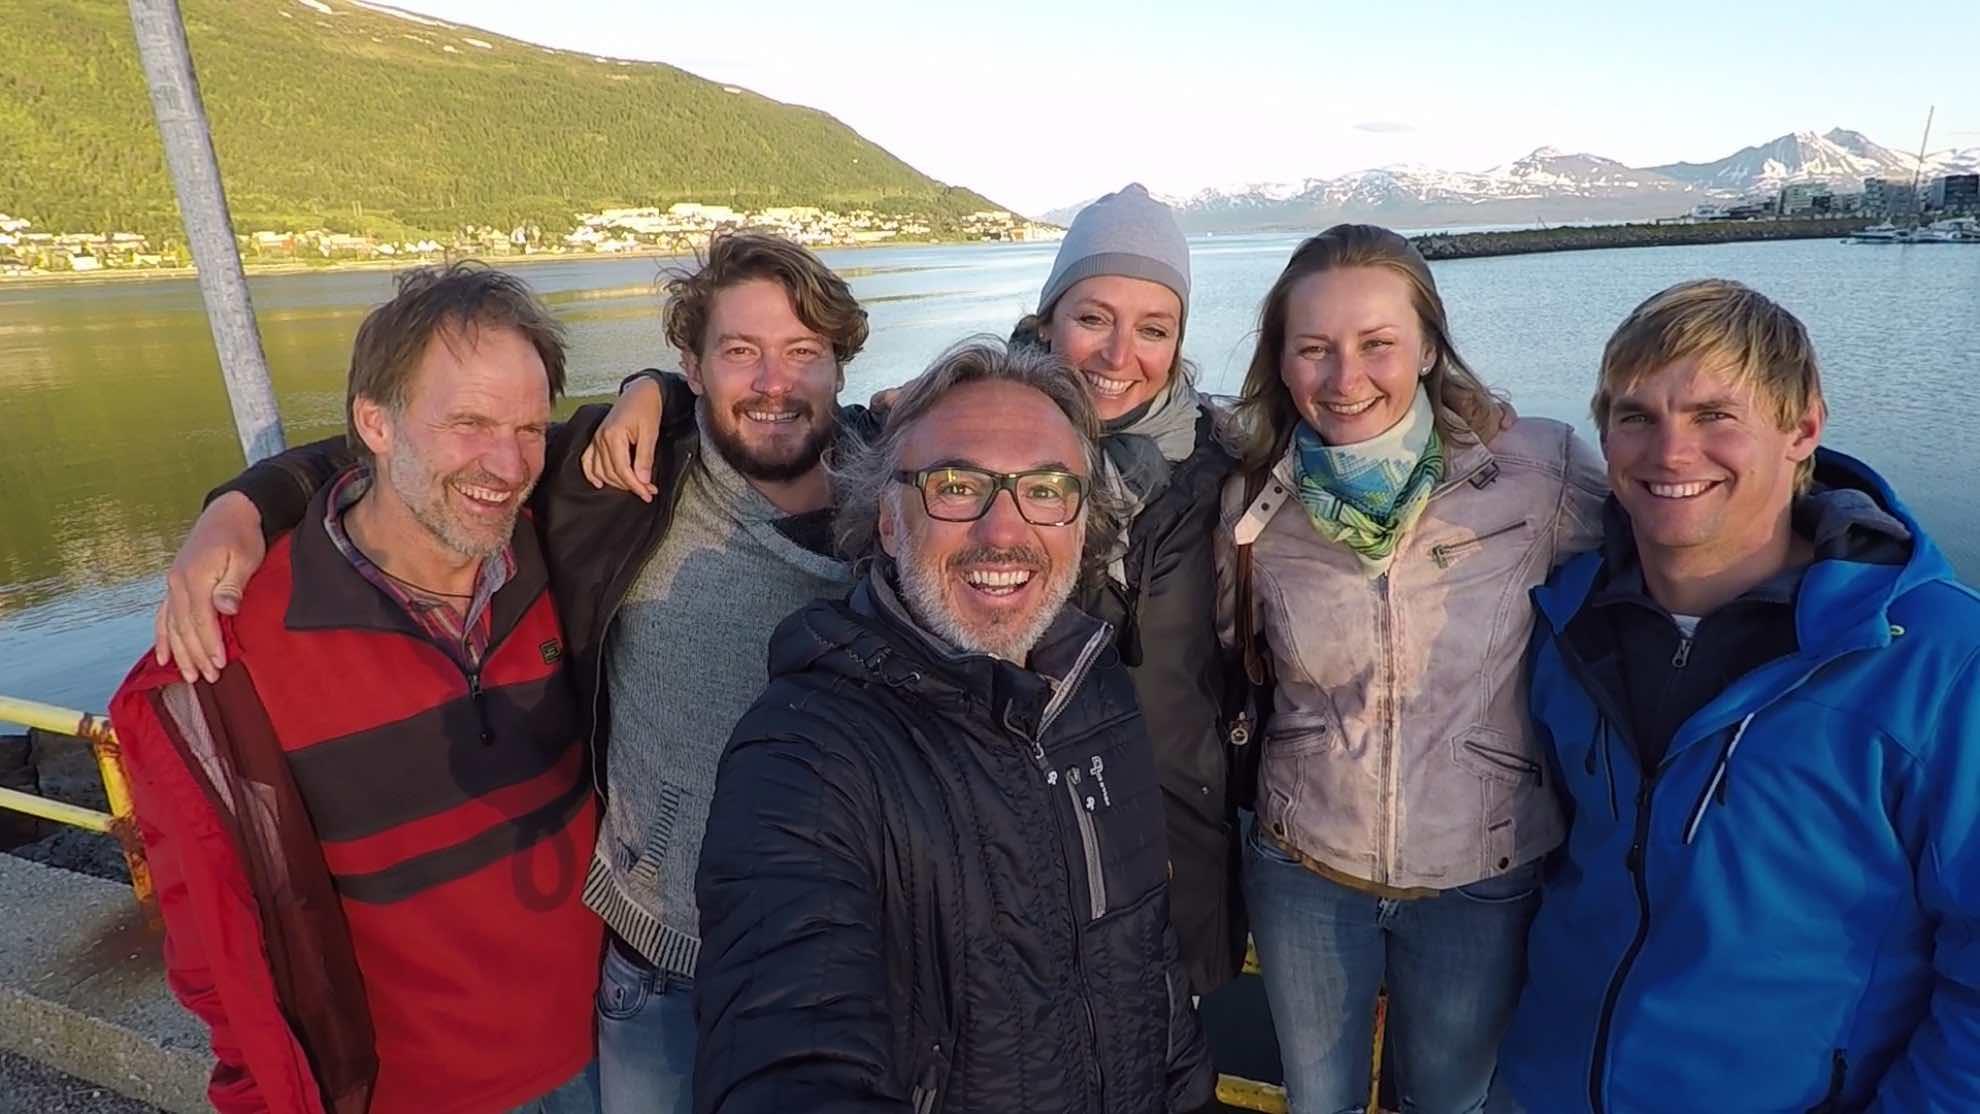 Die Crew für unsere Spitzbergen Expedition – Mark (Guide), Jonty (Crew), Gerhard, Sabine, Veronica (Crew), Ryan (Captain).